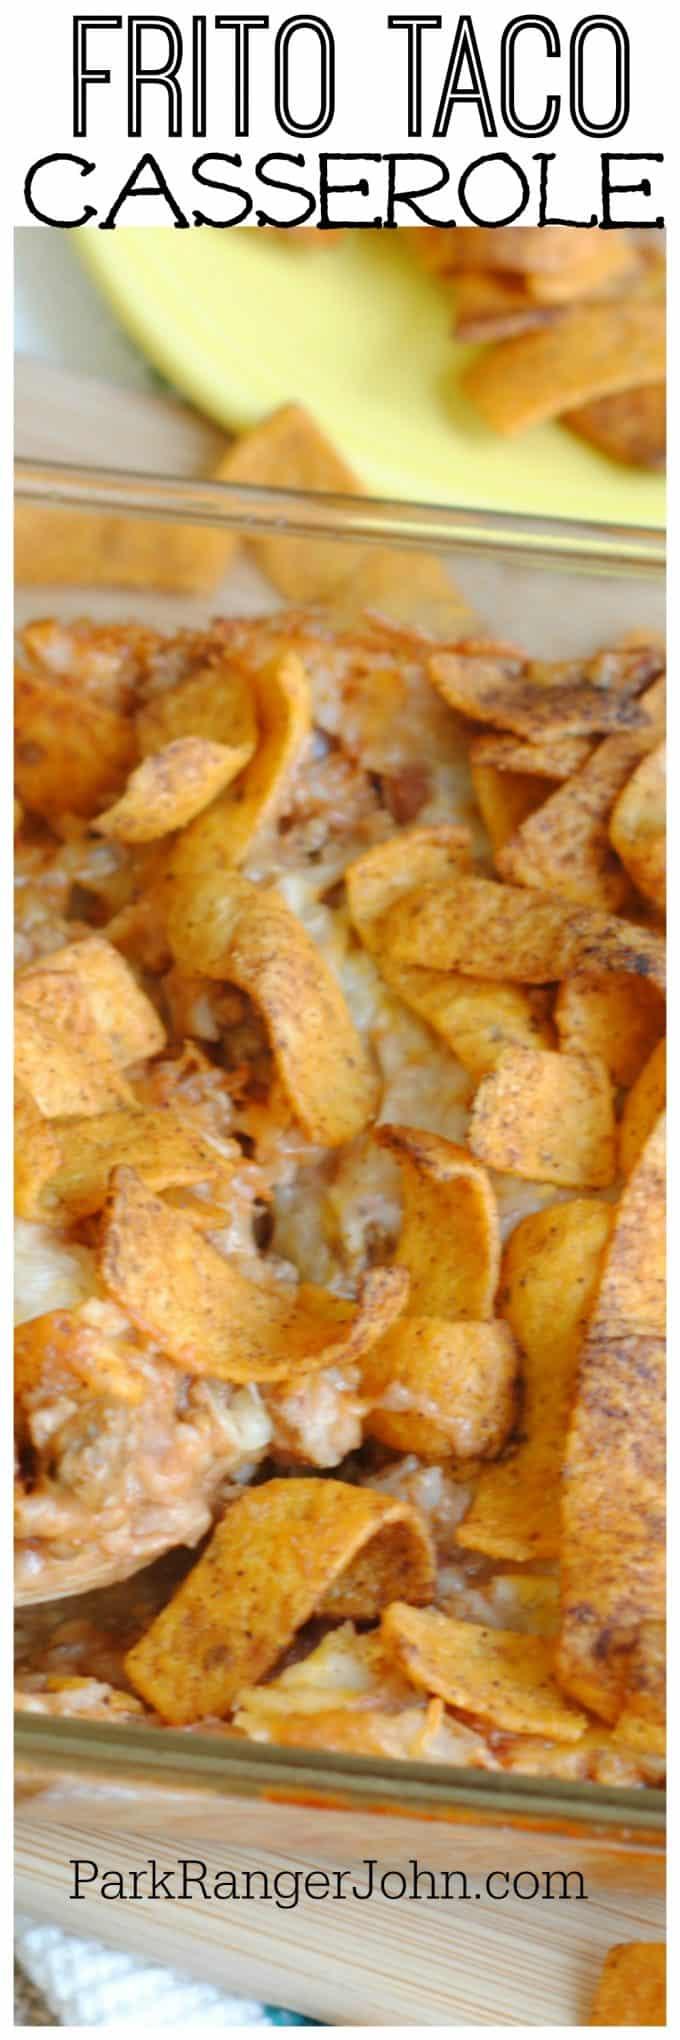 Frito Taco Casserole #casserolerecipes